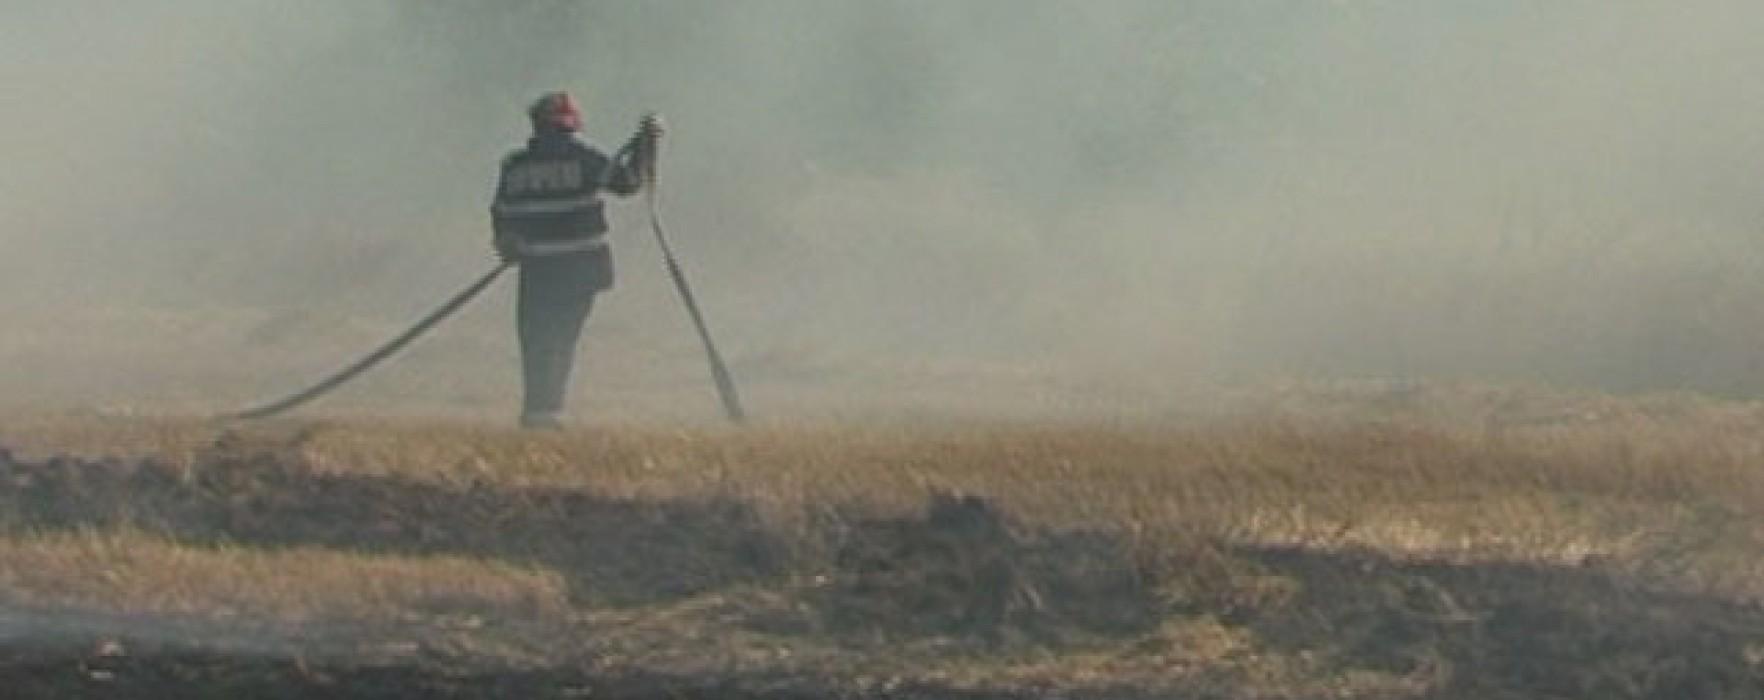 Incediu de vegetaţie uscată în zona A1, vizibilitate redusă pe autostradă în zona Petreşti